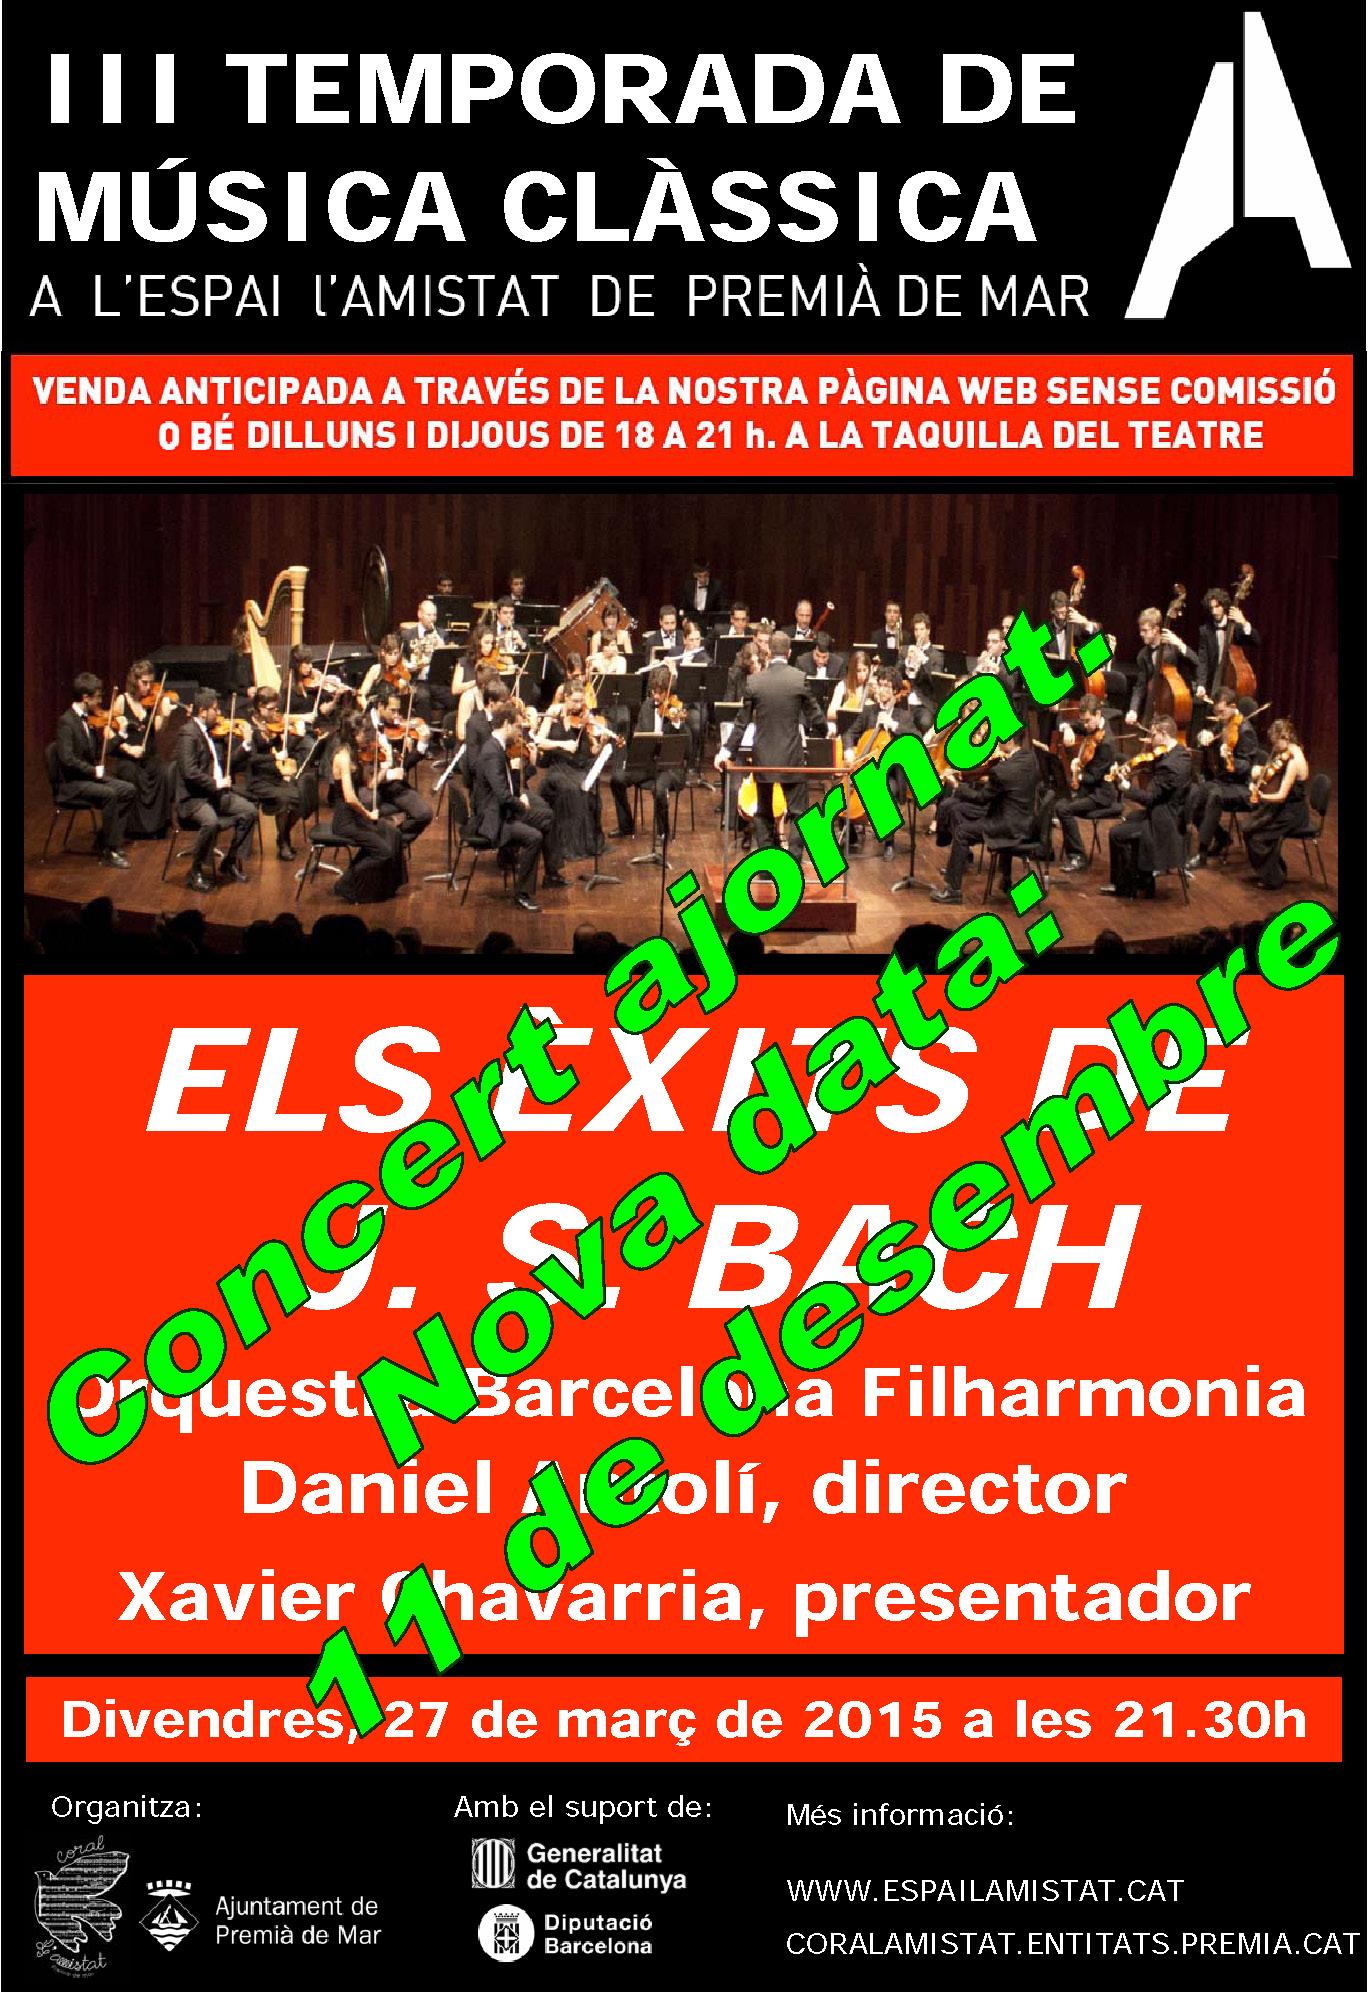 Concert de l'OBF ajornat